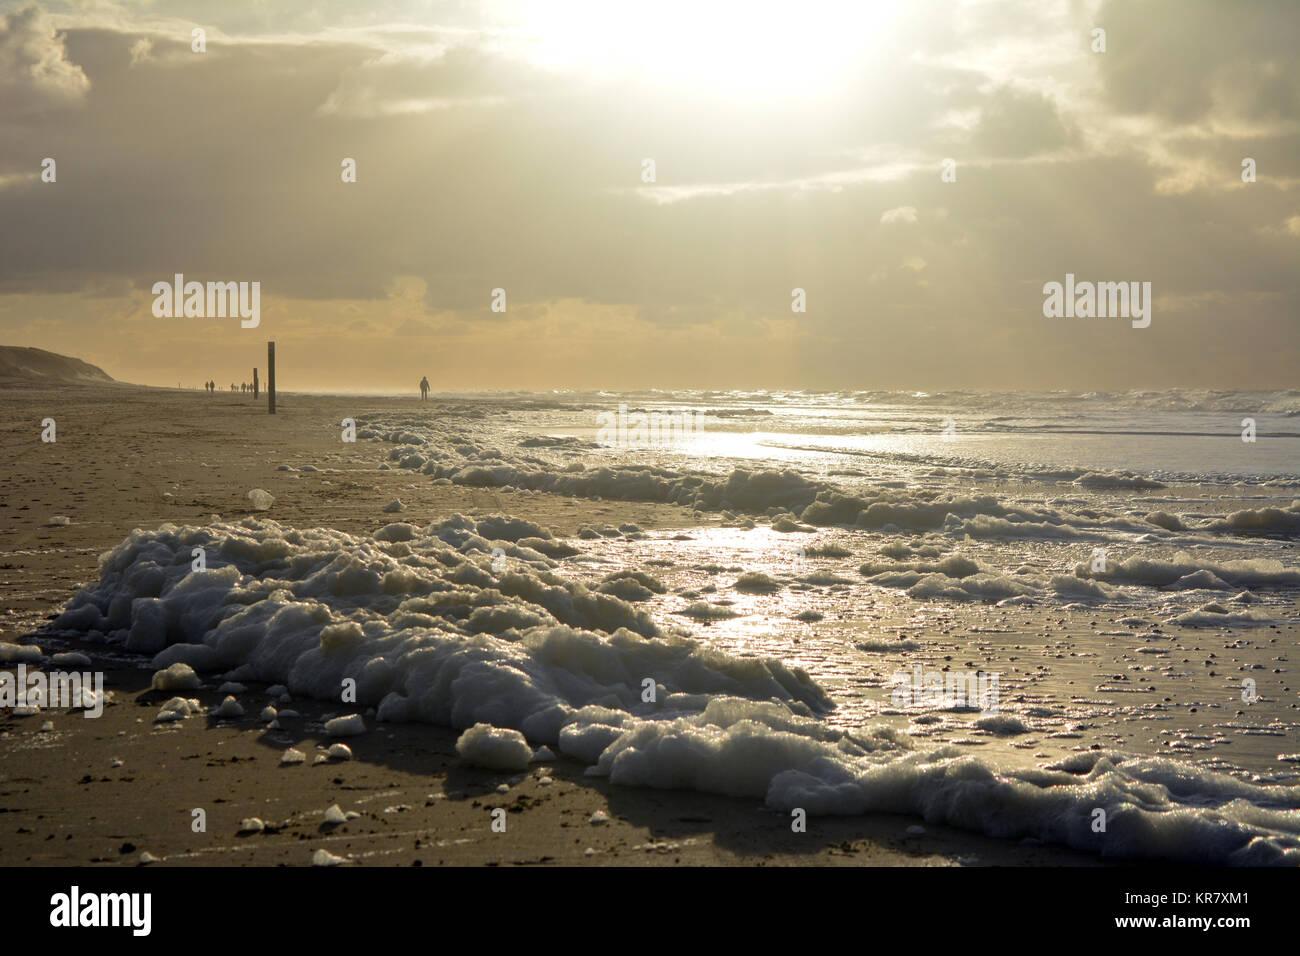 La espuma en la playa al atardecer en el mar del Norte, la isla Texel, Países Bajos de Europa. Foto de stock